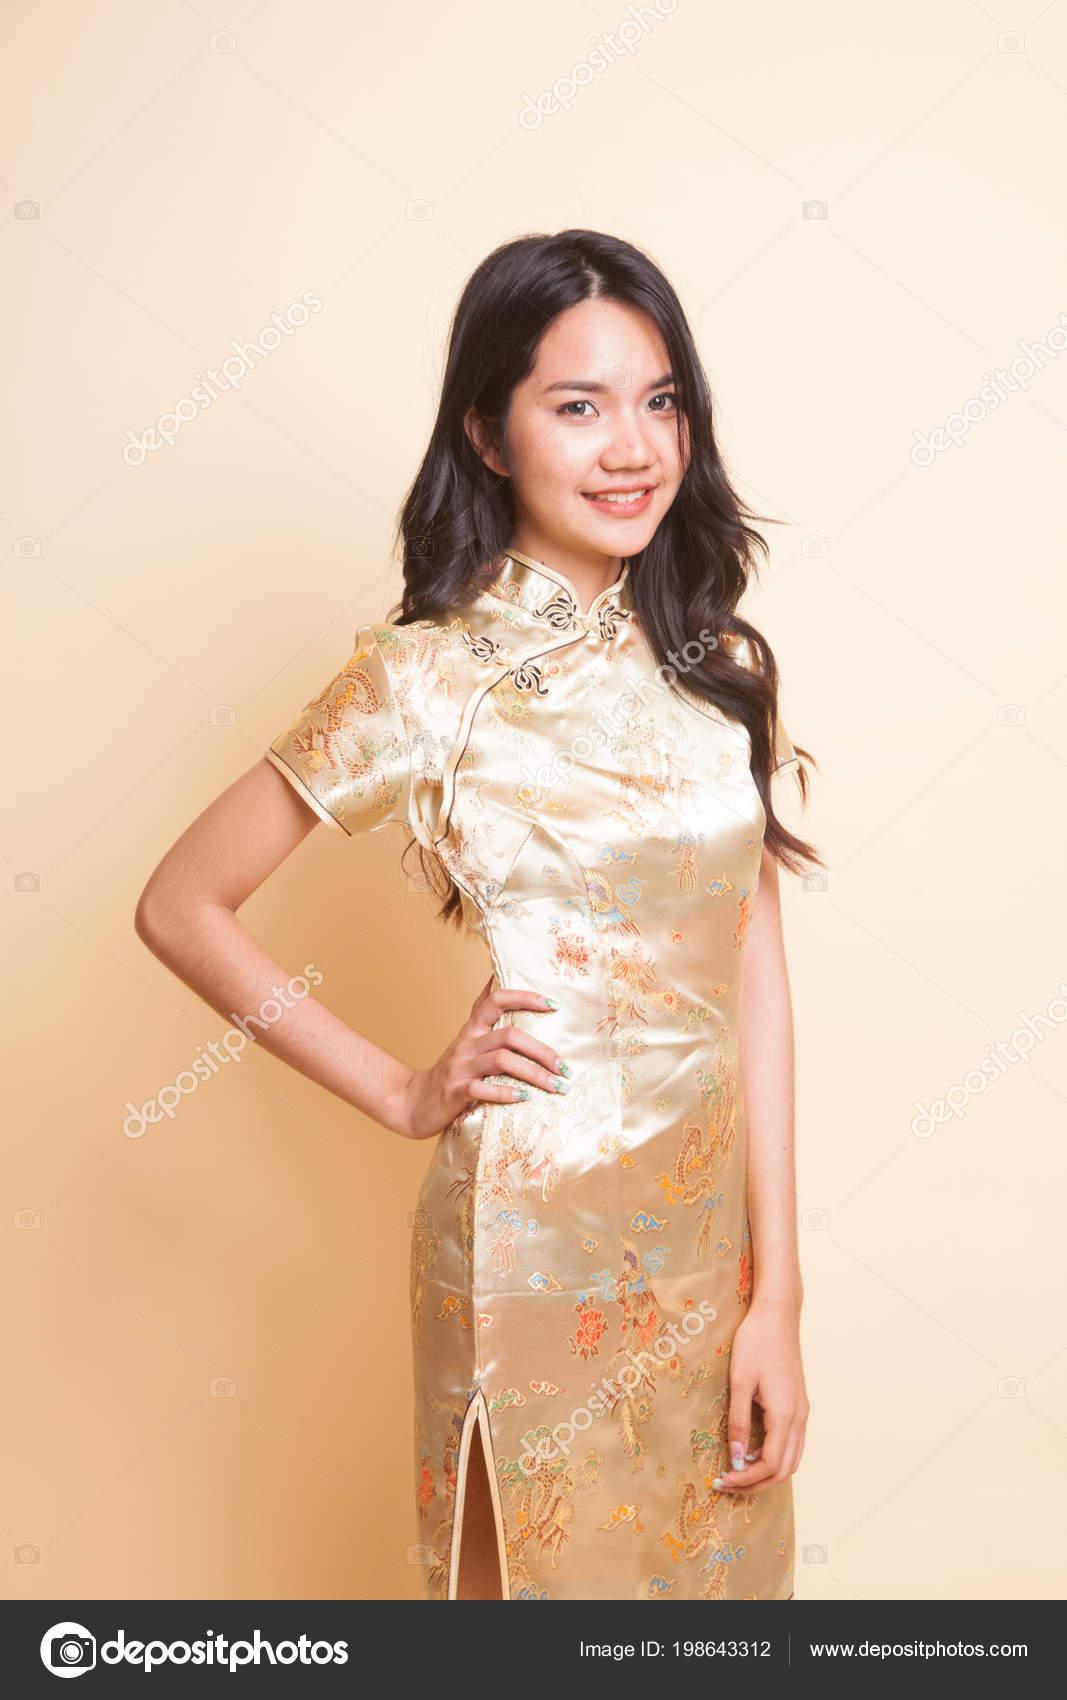 70ddfd592105 Portrét Asian girl v zlaté čínské cheongsam šaty na béžové pozadí– stock  obrázky